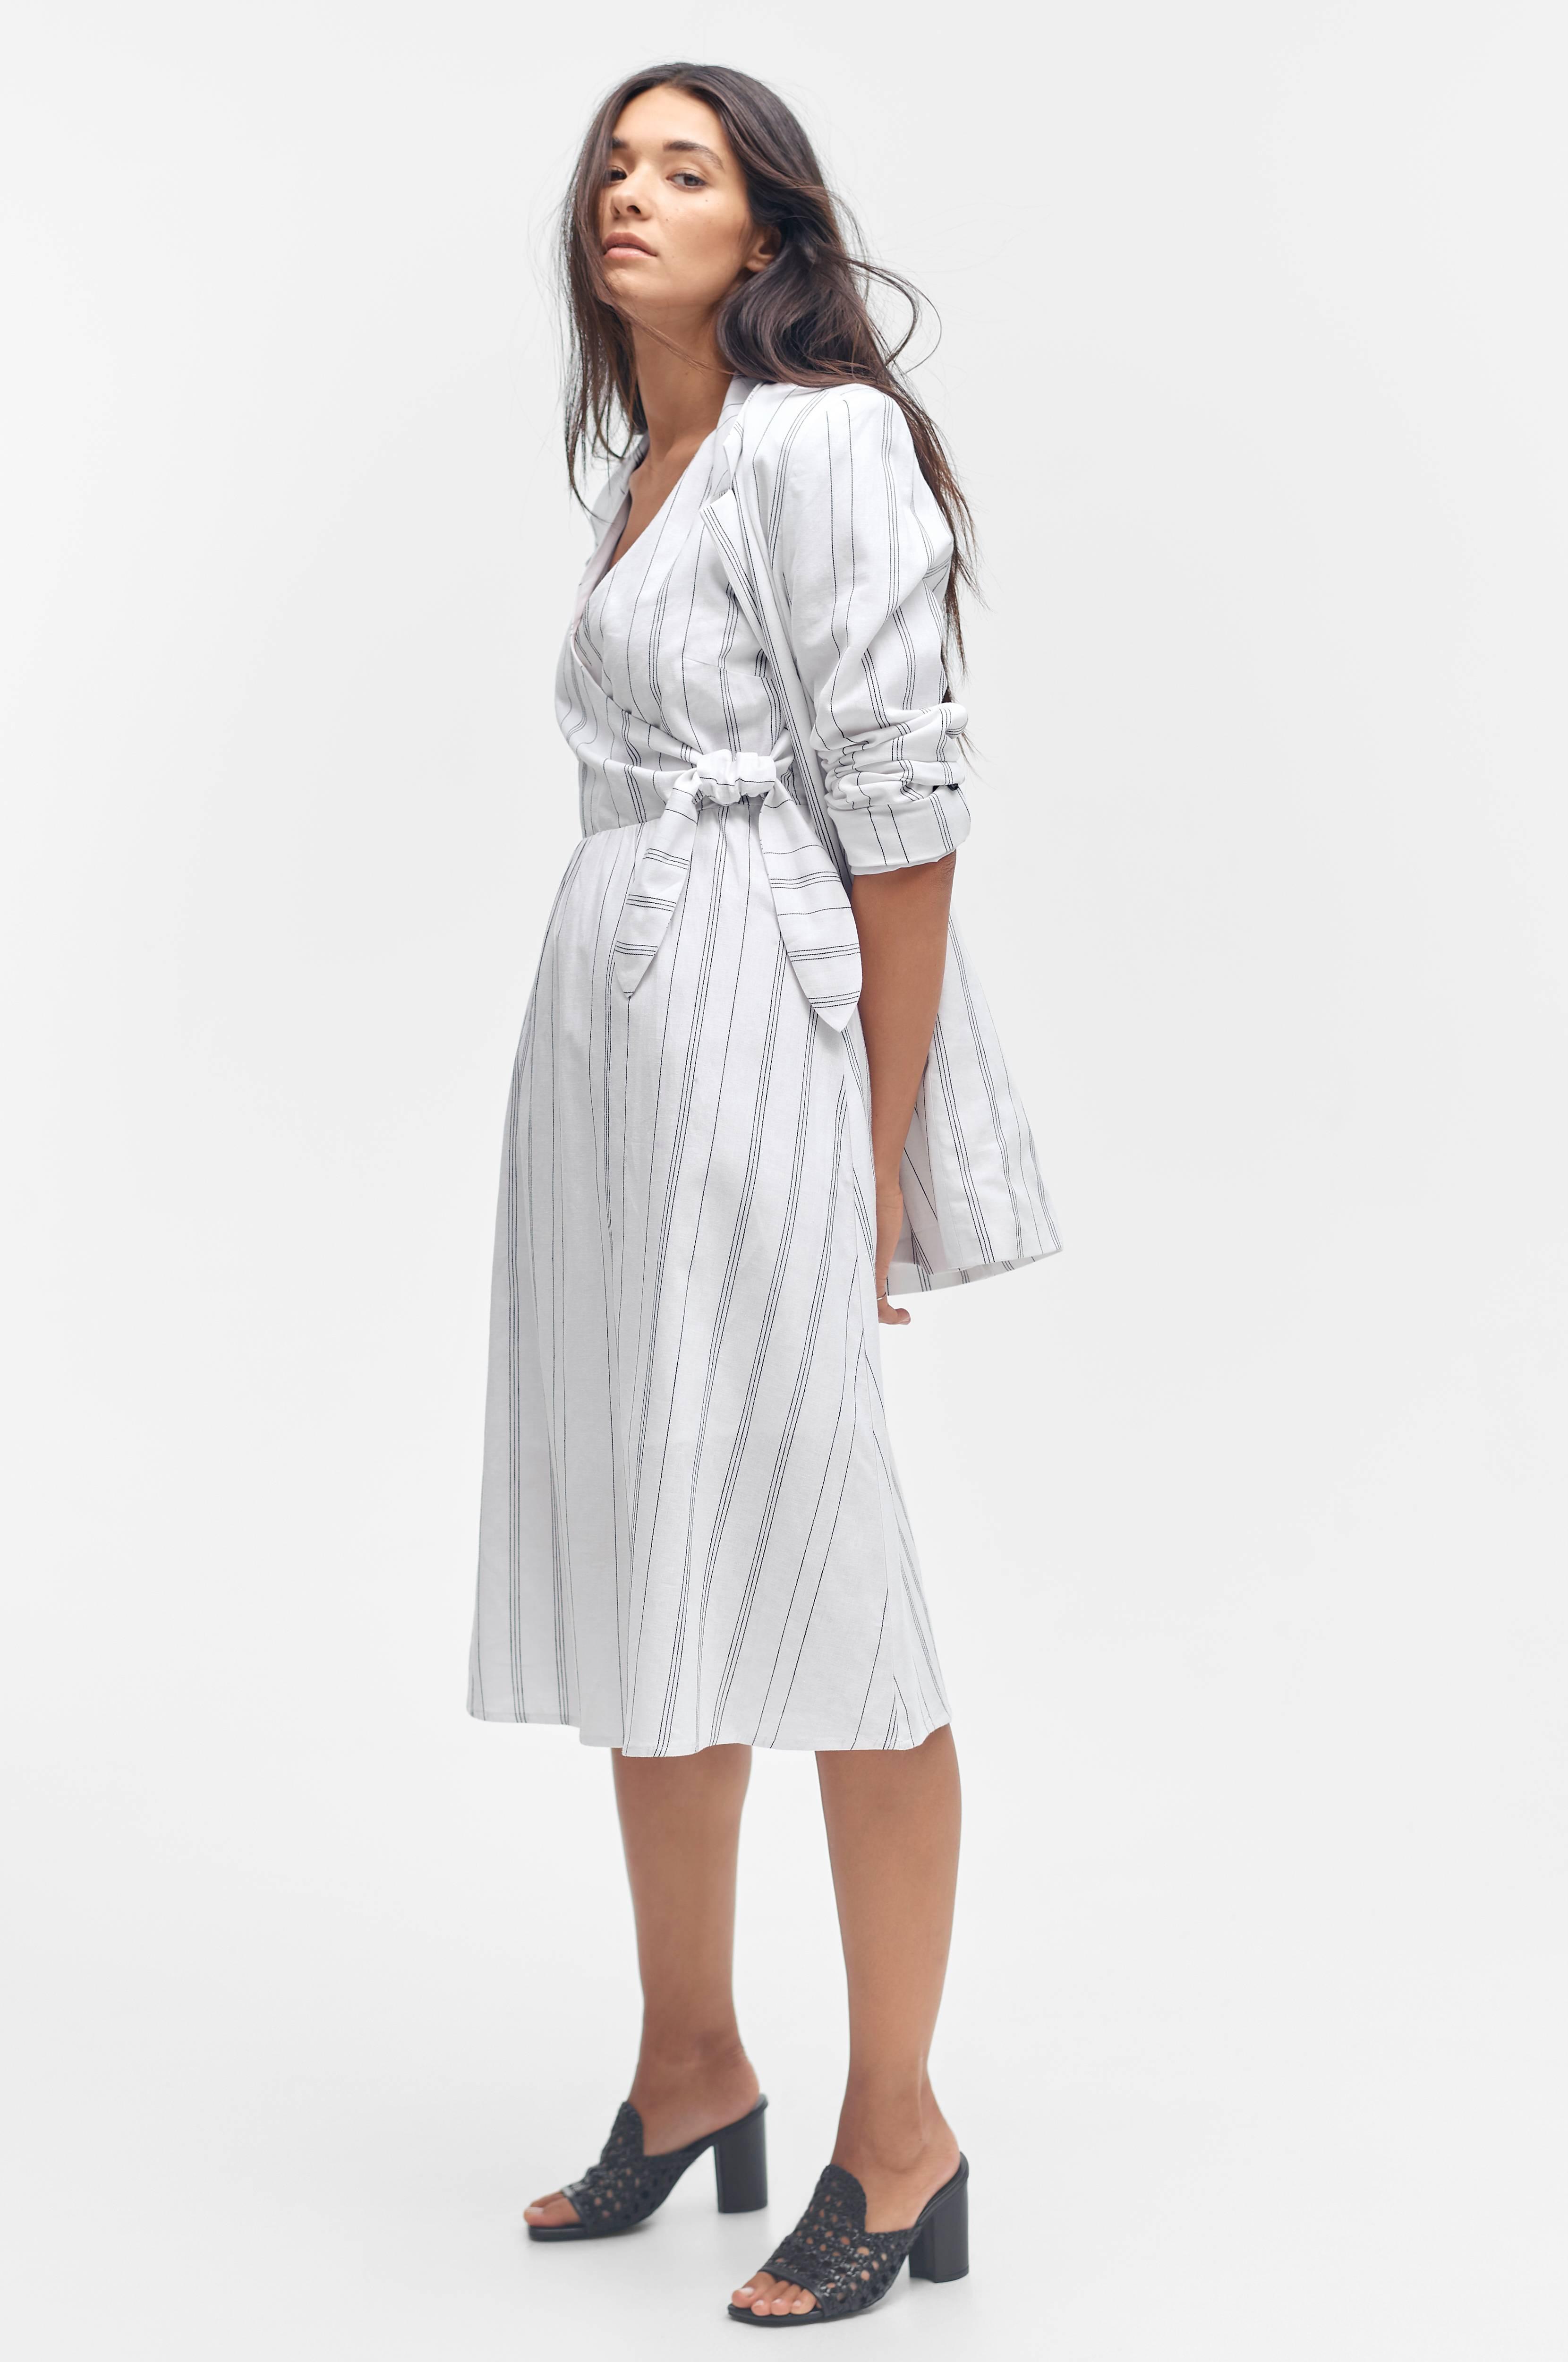 Ellos Collection Klänning Tiffany Vit Sommarklänningar